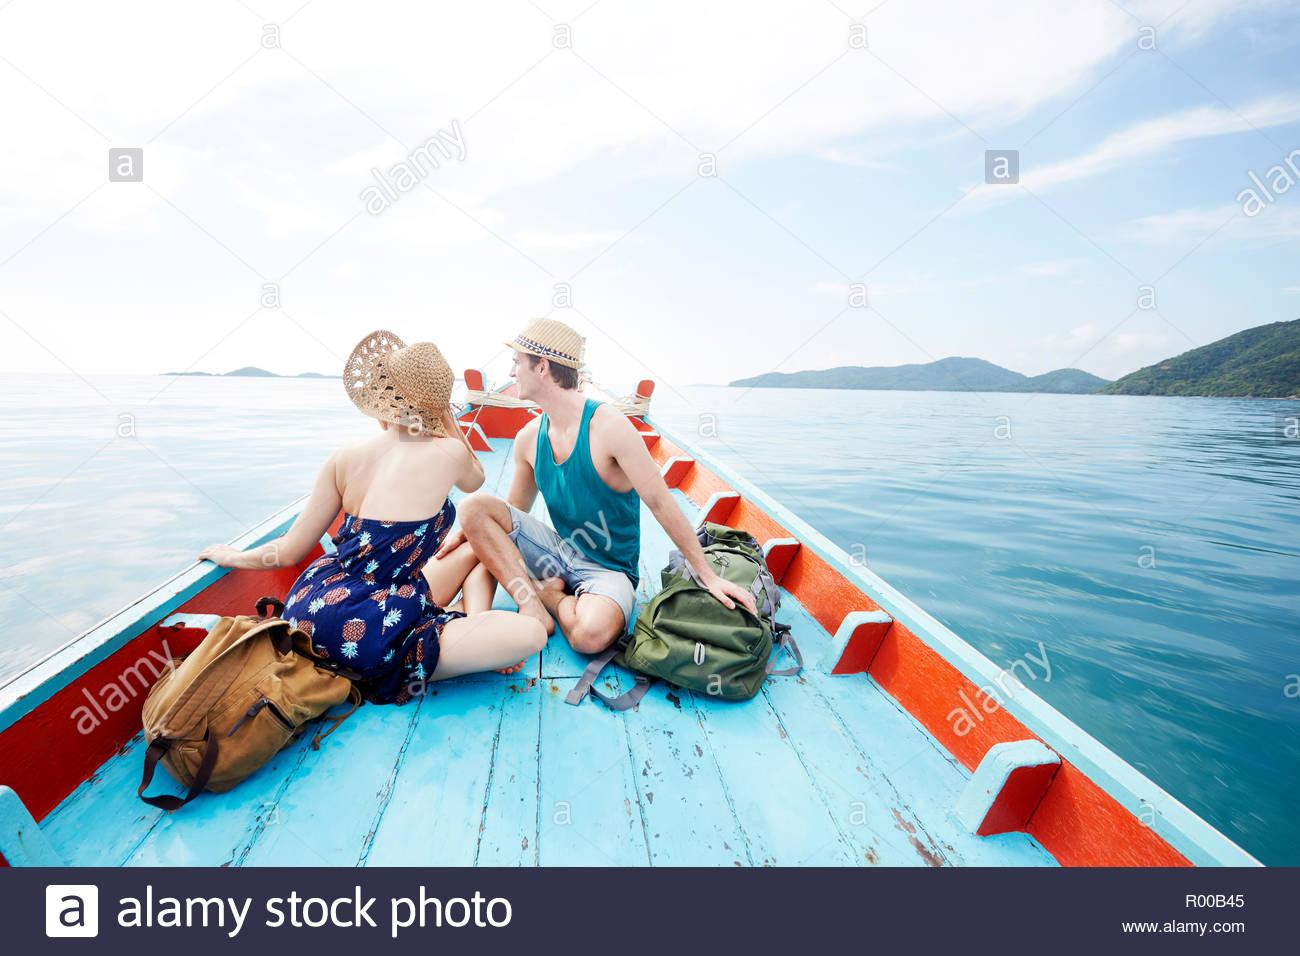 Jeune couple sur un bateau avec des sacs à dos Photo Stock